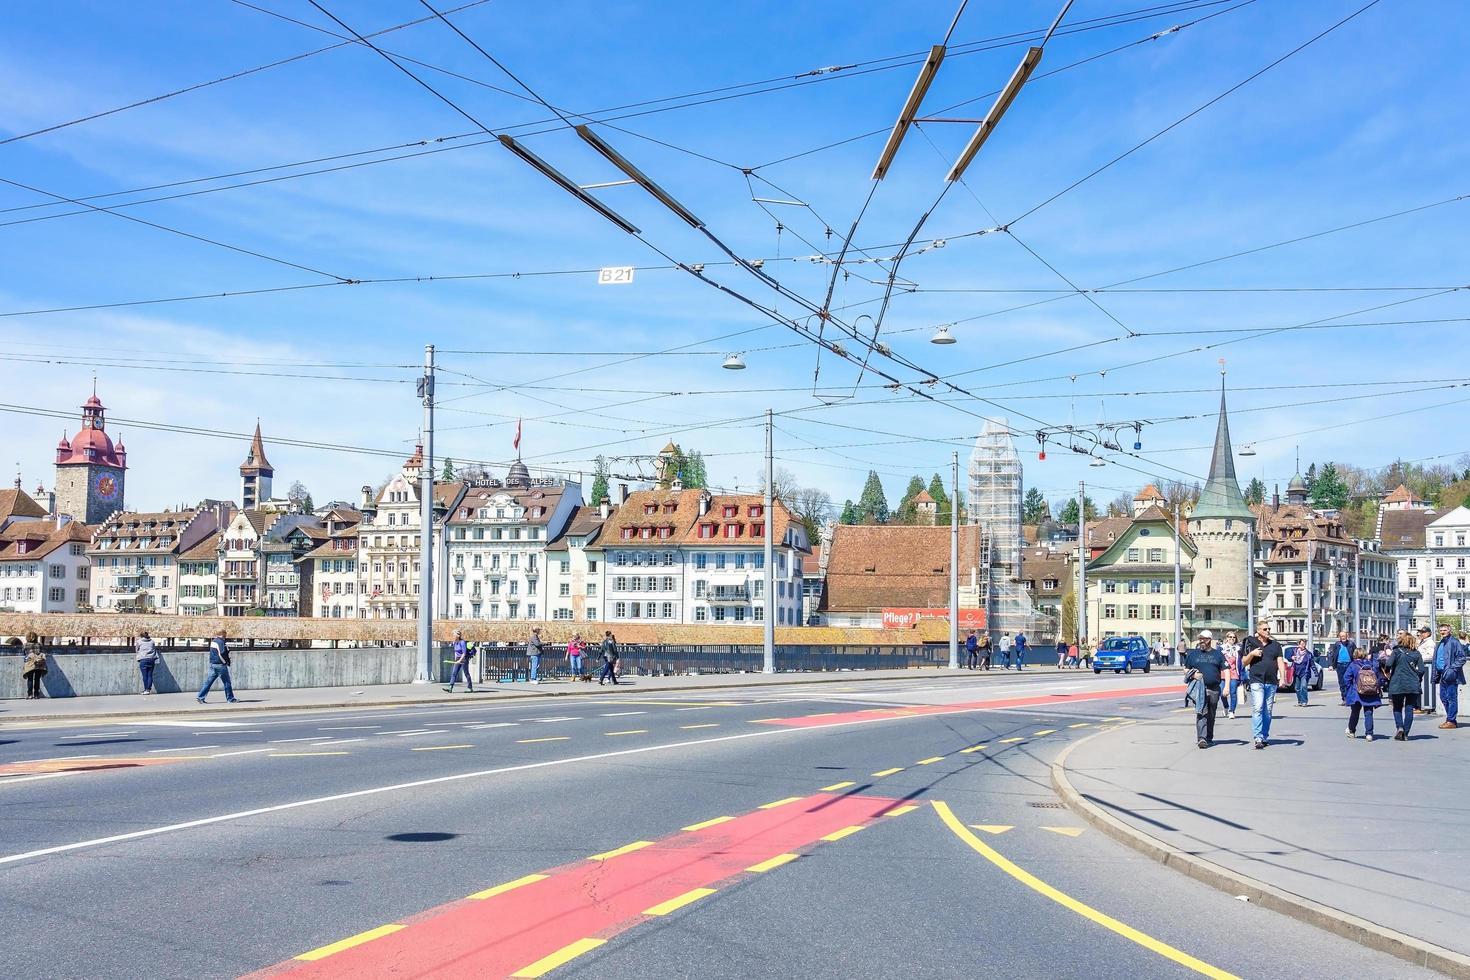 historisches zentrum von luzern, schweiz, 2018 foto